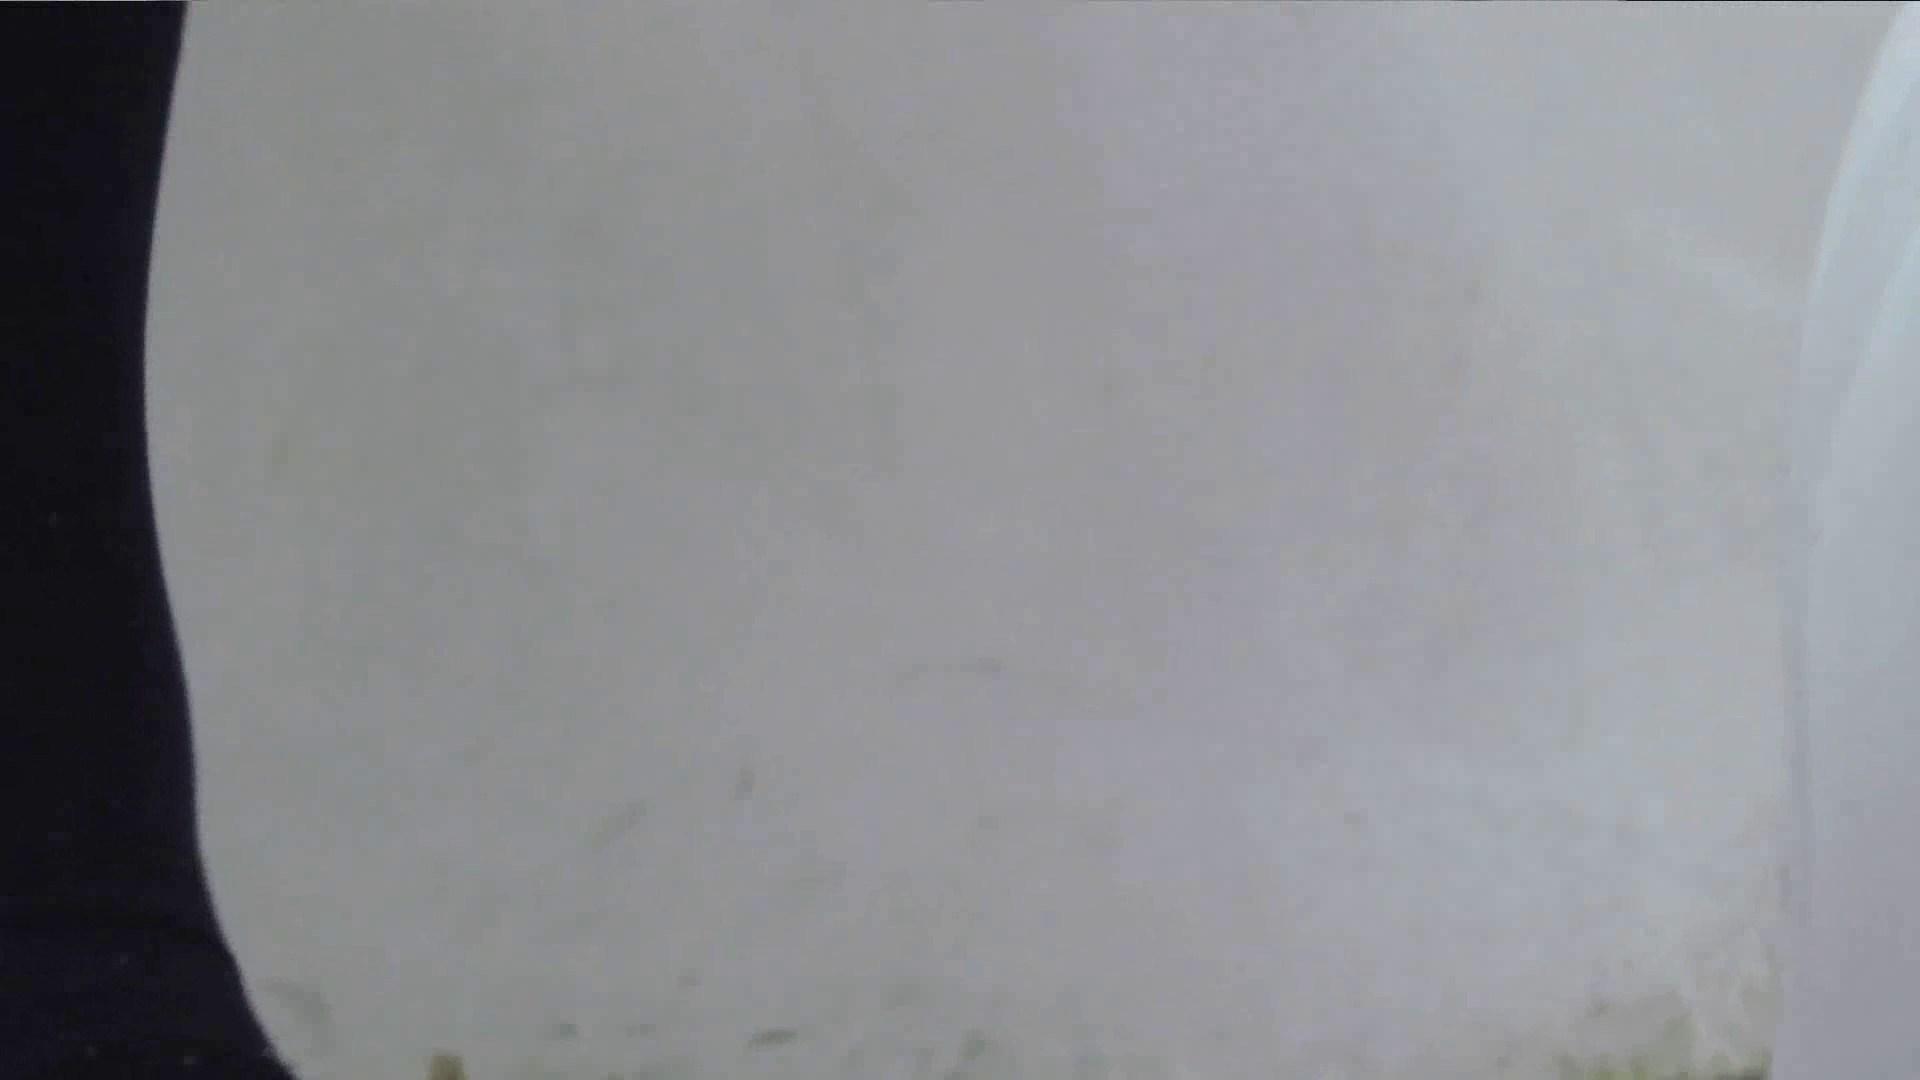 ハメ撮り|【美しき個室な世界】 vol.025 メガネ属性ヾ(´∀`)ノ|怪盗ジョーカー